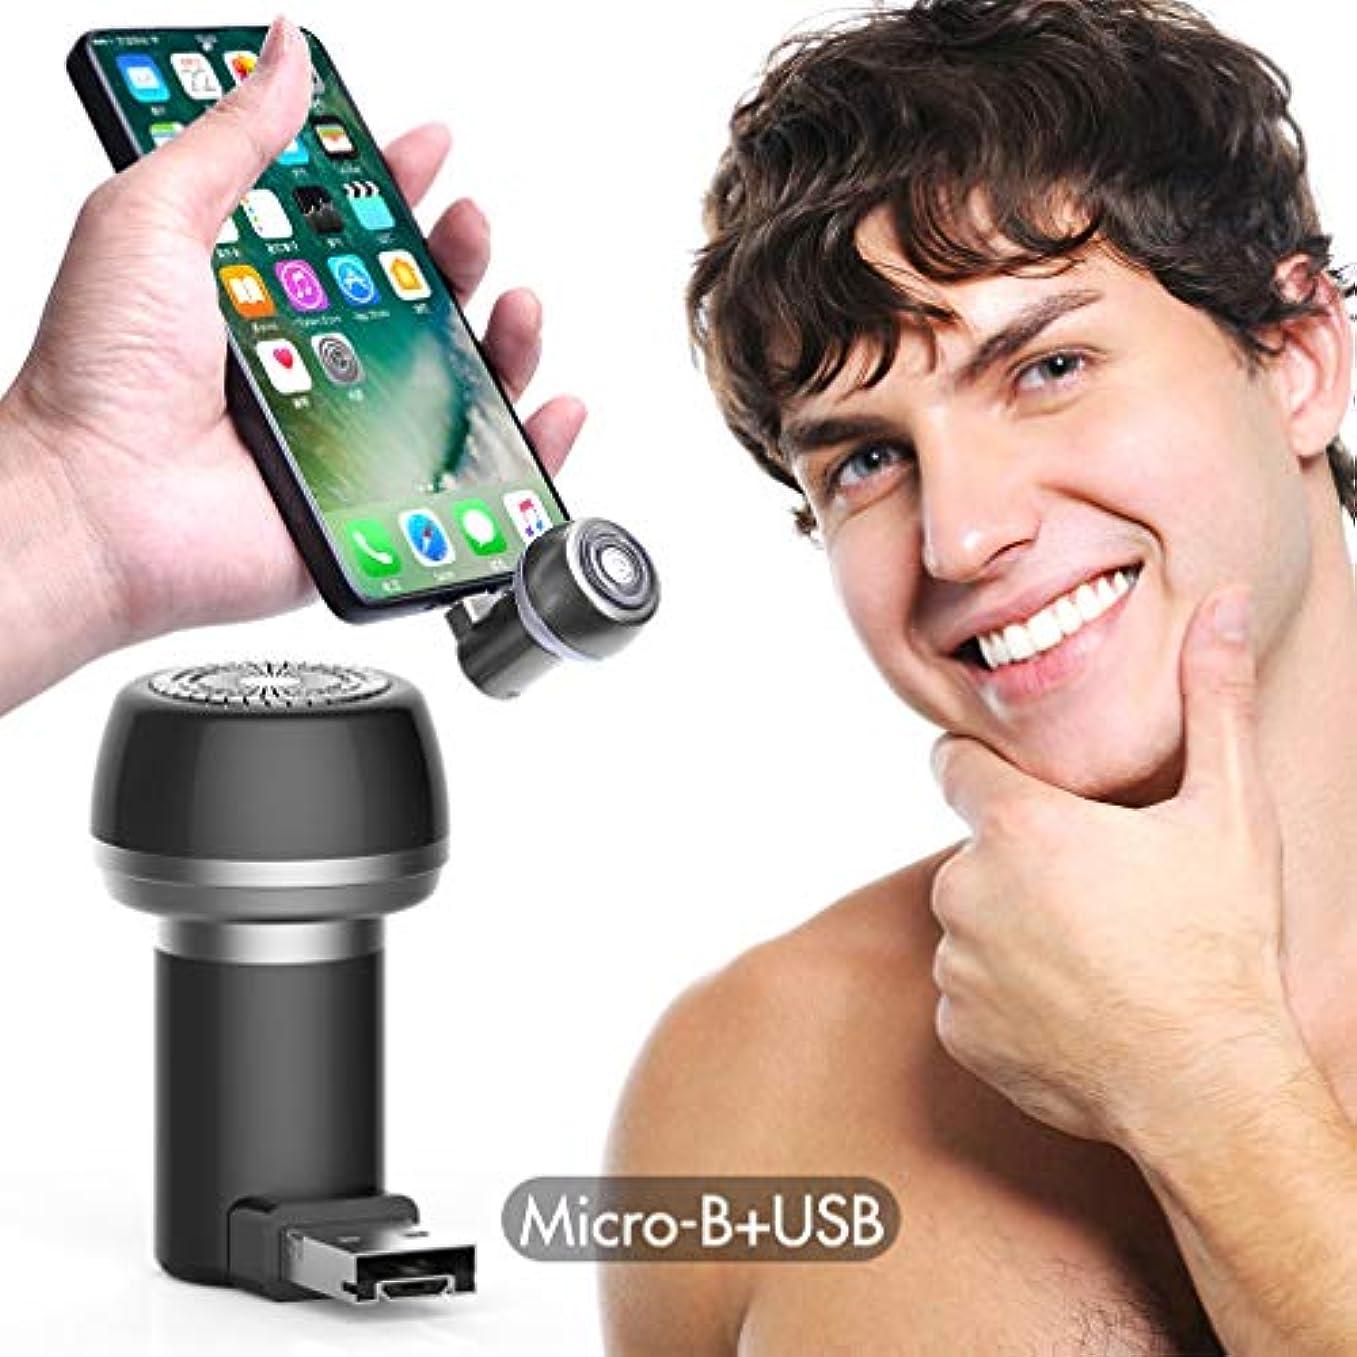 頭間欠荒涼としたメンズシェーバー 磁気電気シェーバー 電気シェーバー type-c/USB ポート 持ち運び便利 ビジネス 通勤用 洗い可 旅行する Micro-USB